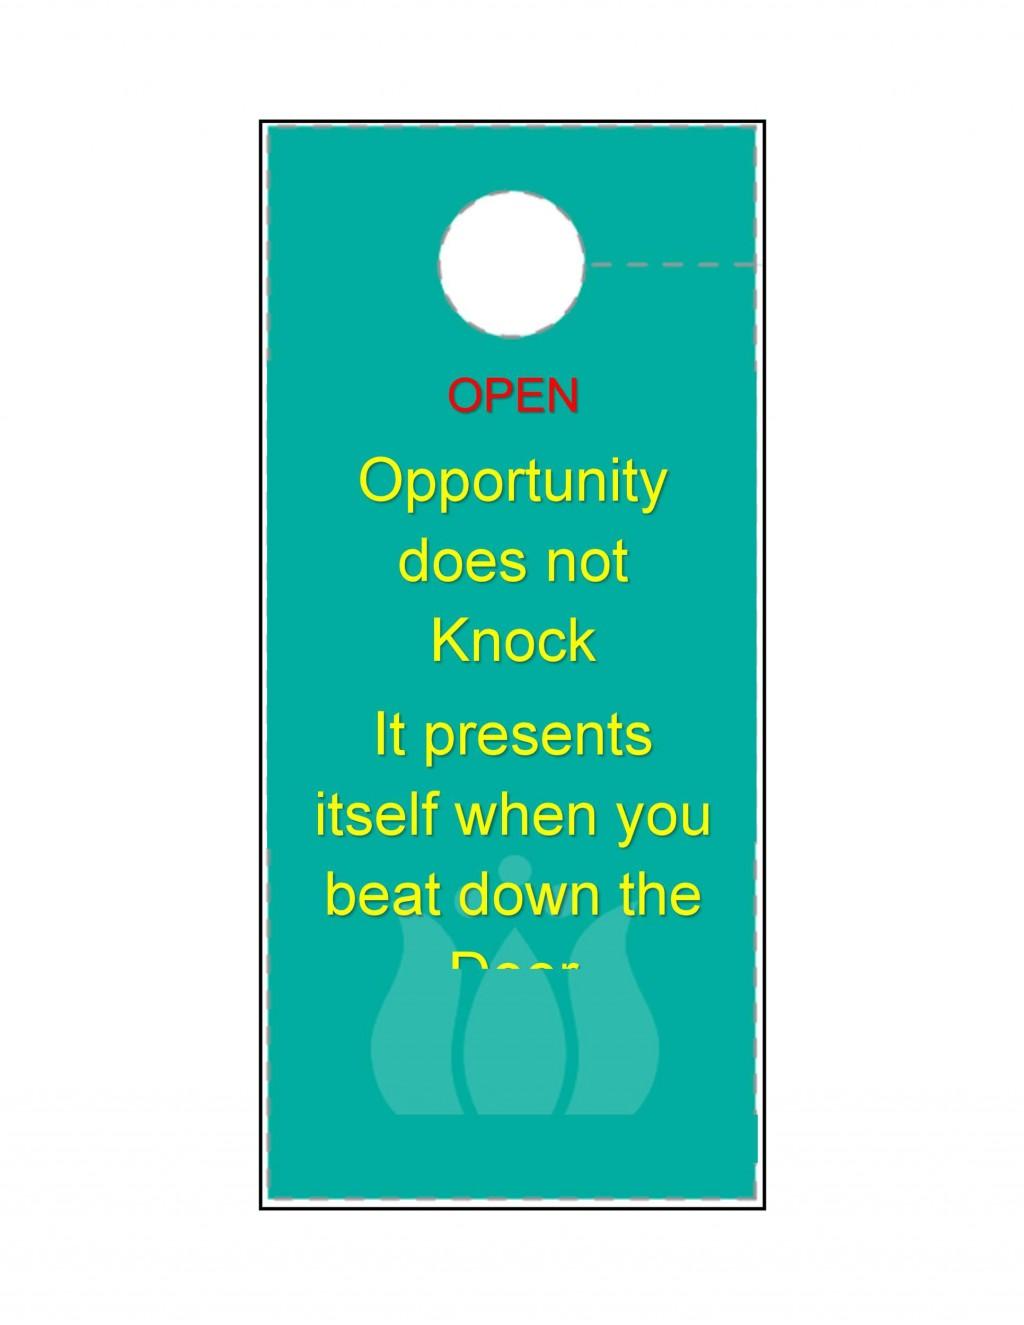 005 Exceptional Free Template For Door Hanger Word Photo  WeddingLarge